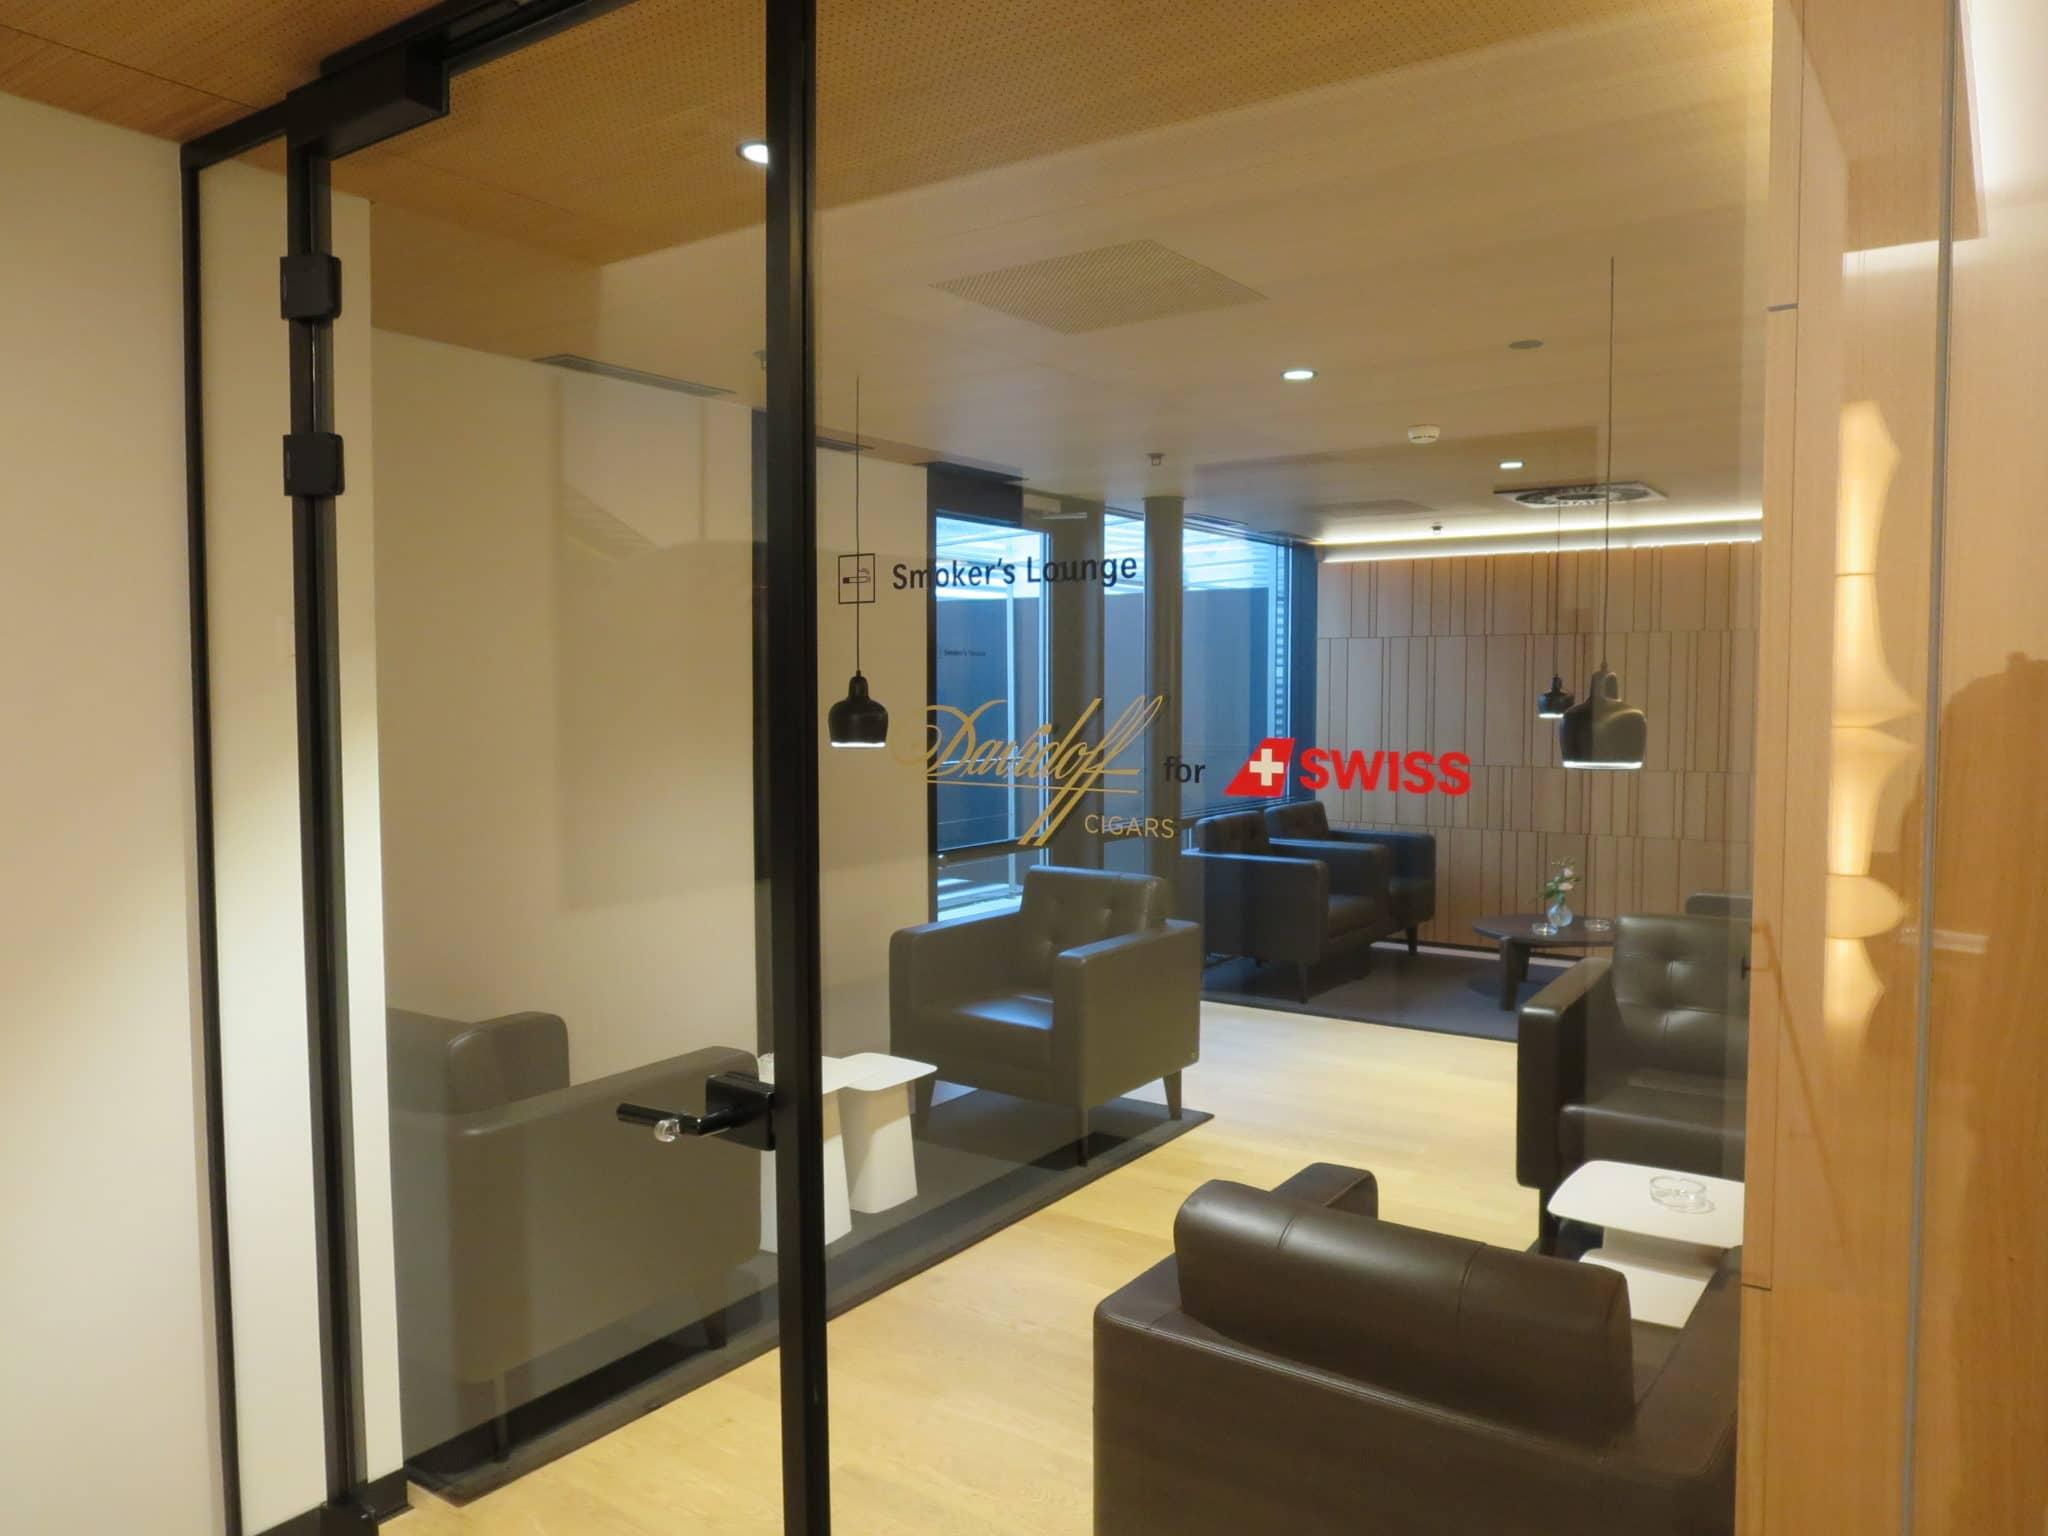 Swiss First Class Lounge Zürich A Smokers Lounge